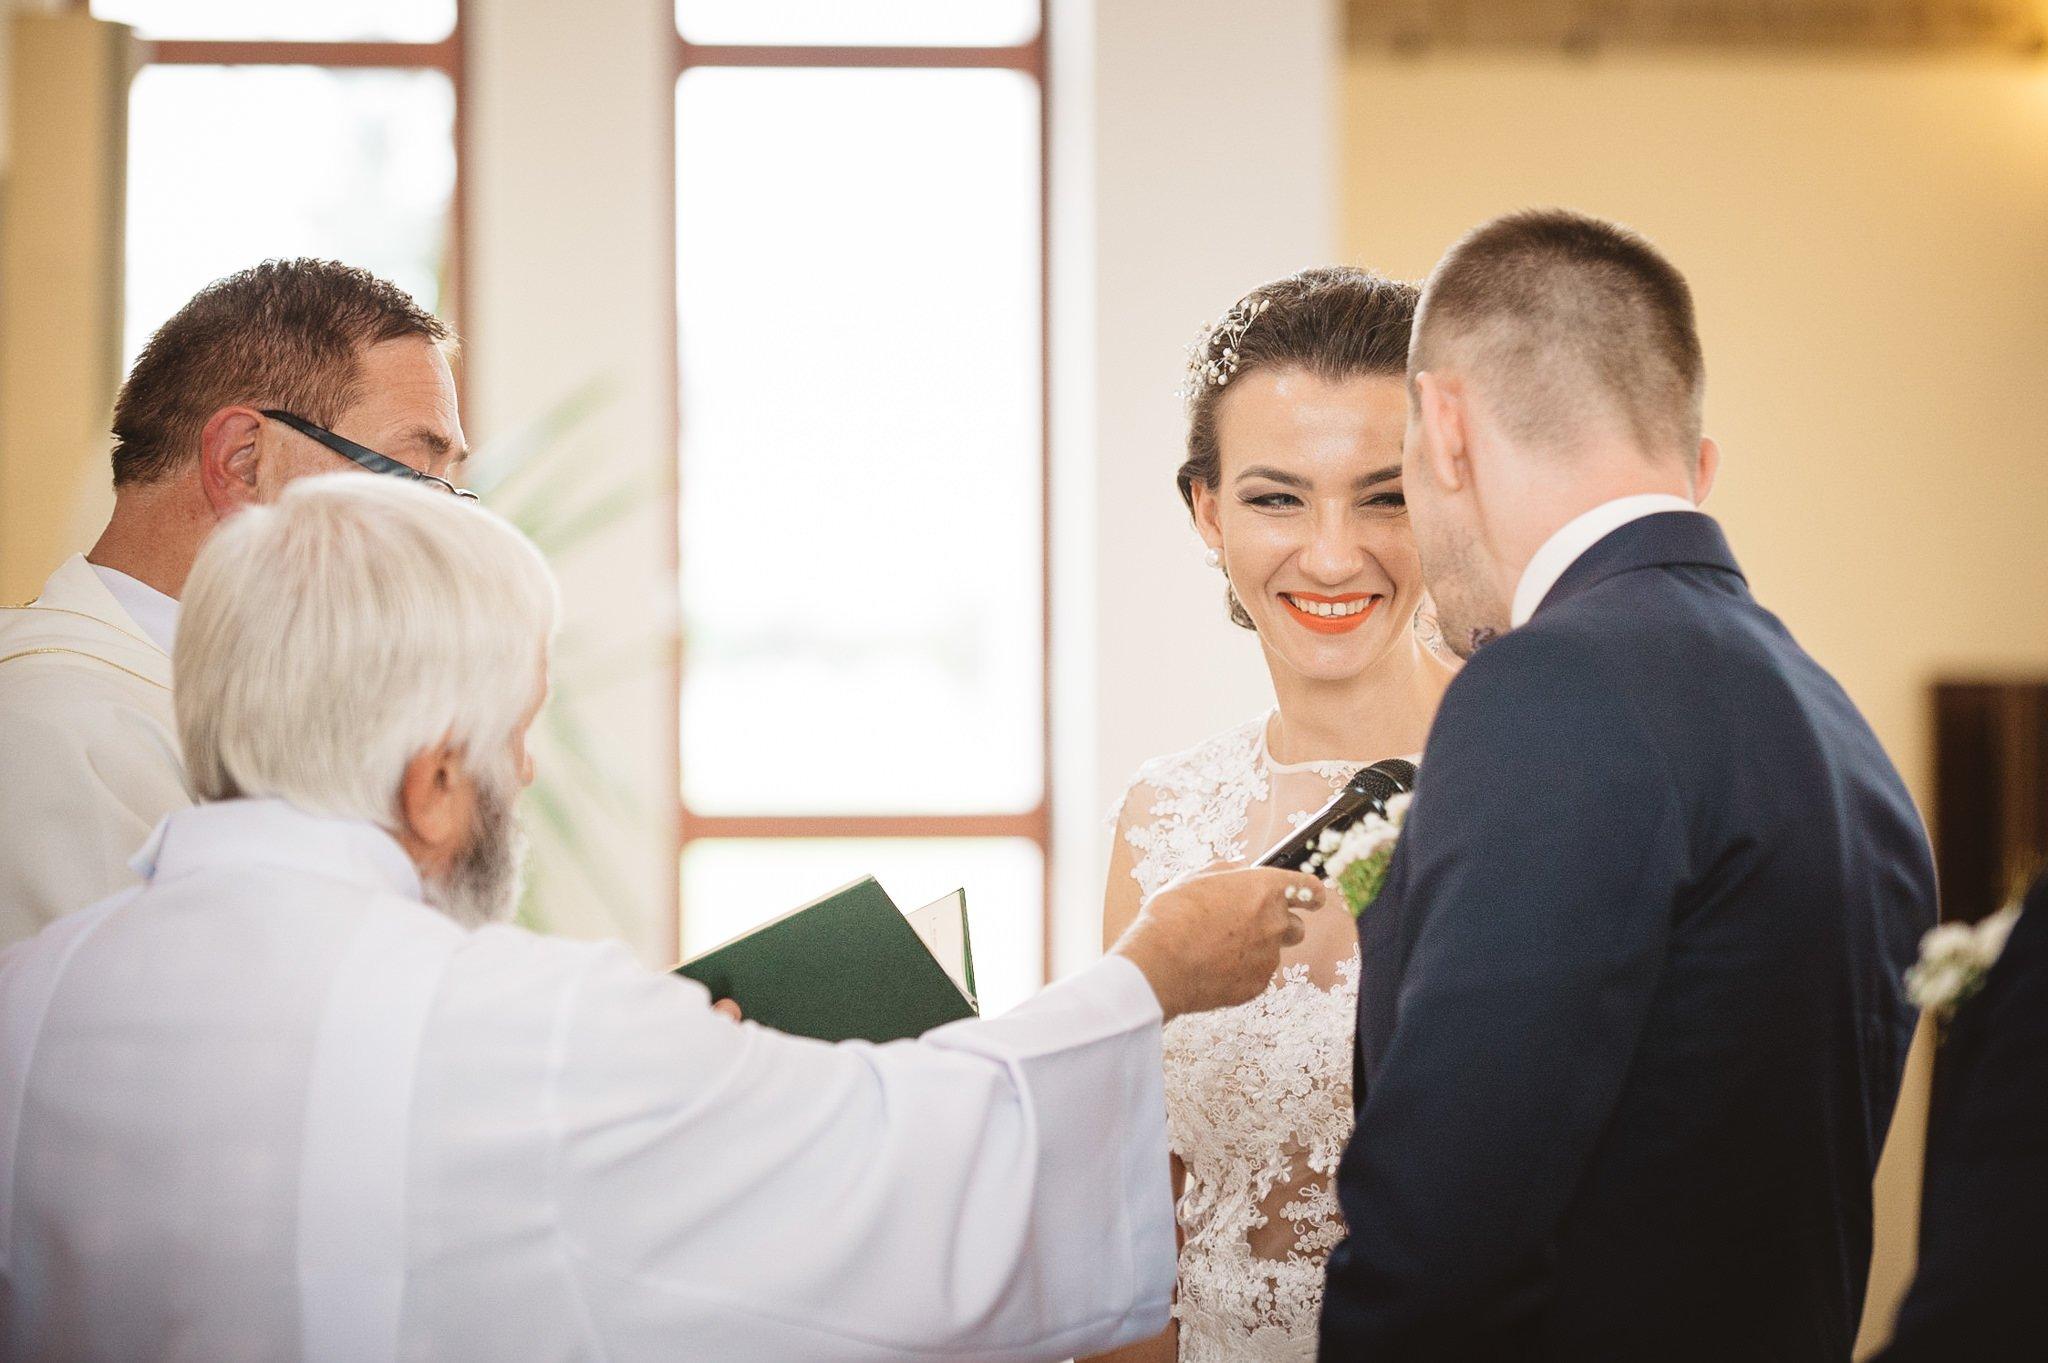 Ala i Arek, czyli jak zorganizować ślub i wesele w 4 tygodnie! 91